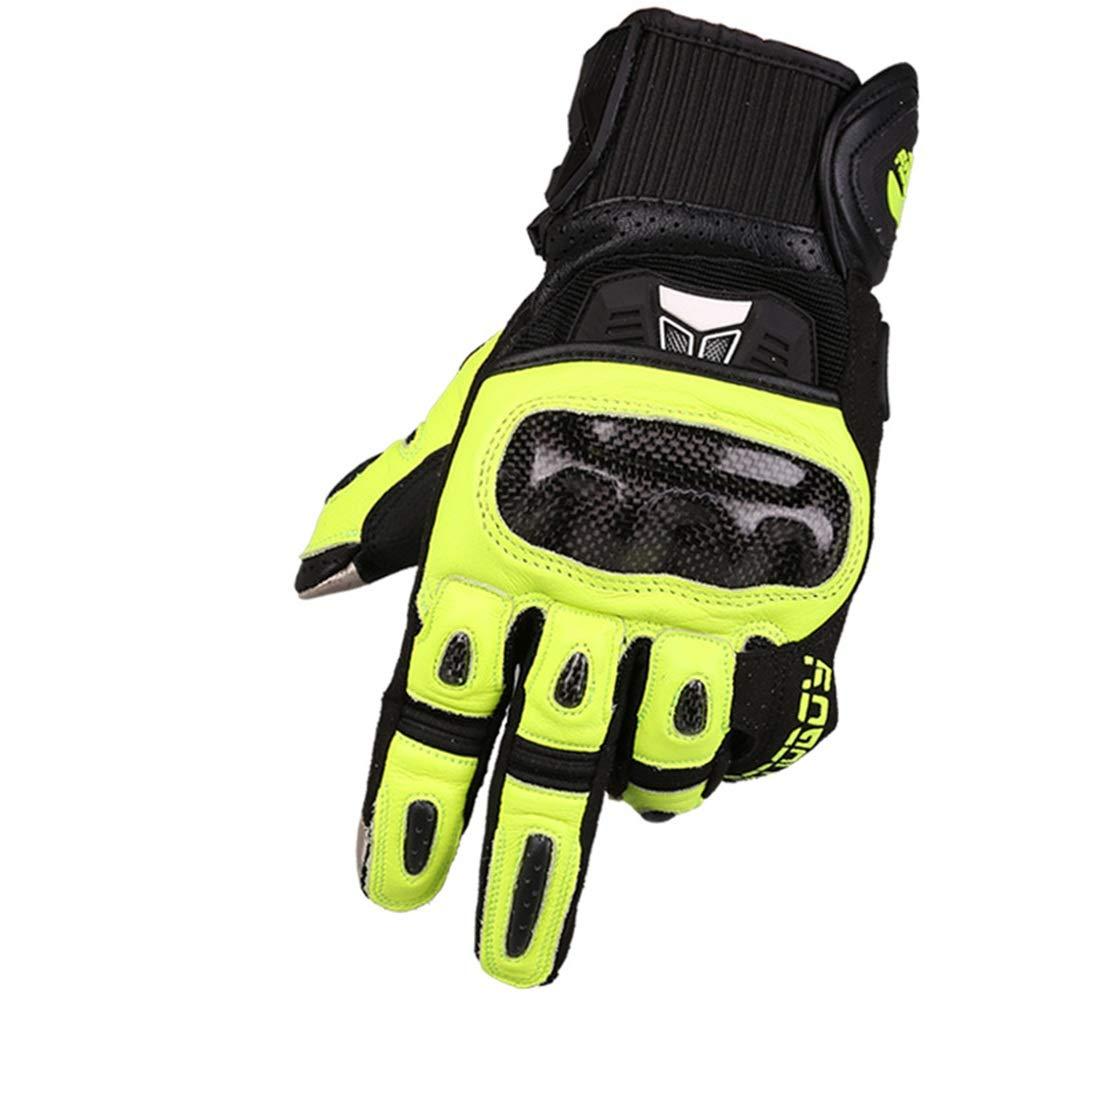 JESSIEKERVIN YY3 Kohlefaser-Motorrad-Vollfingerhandschuhe für Motorrad-Radfahren beim Wandern